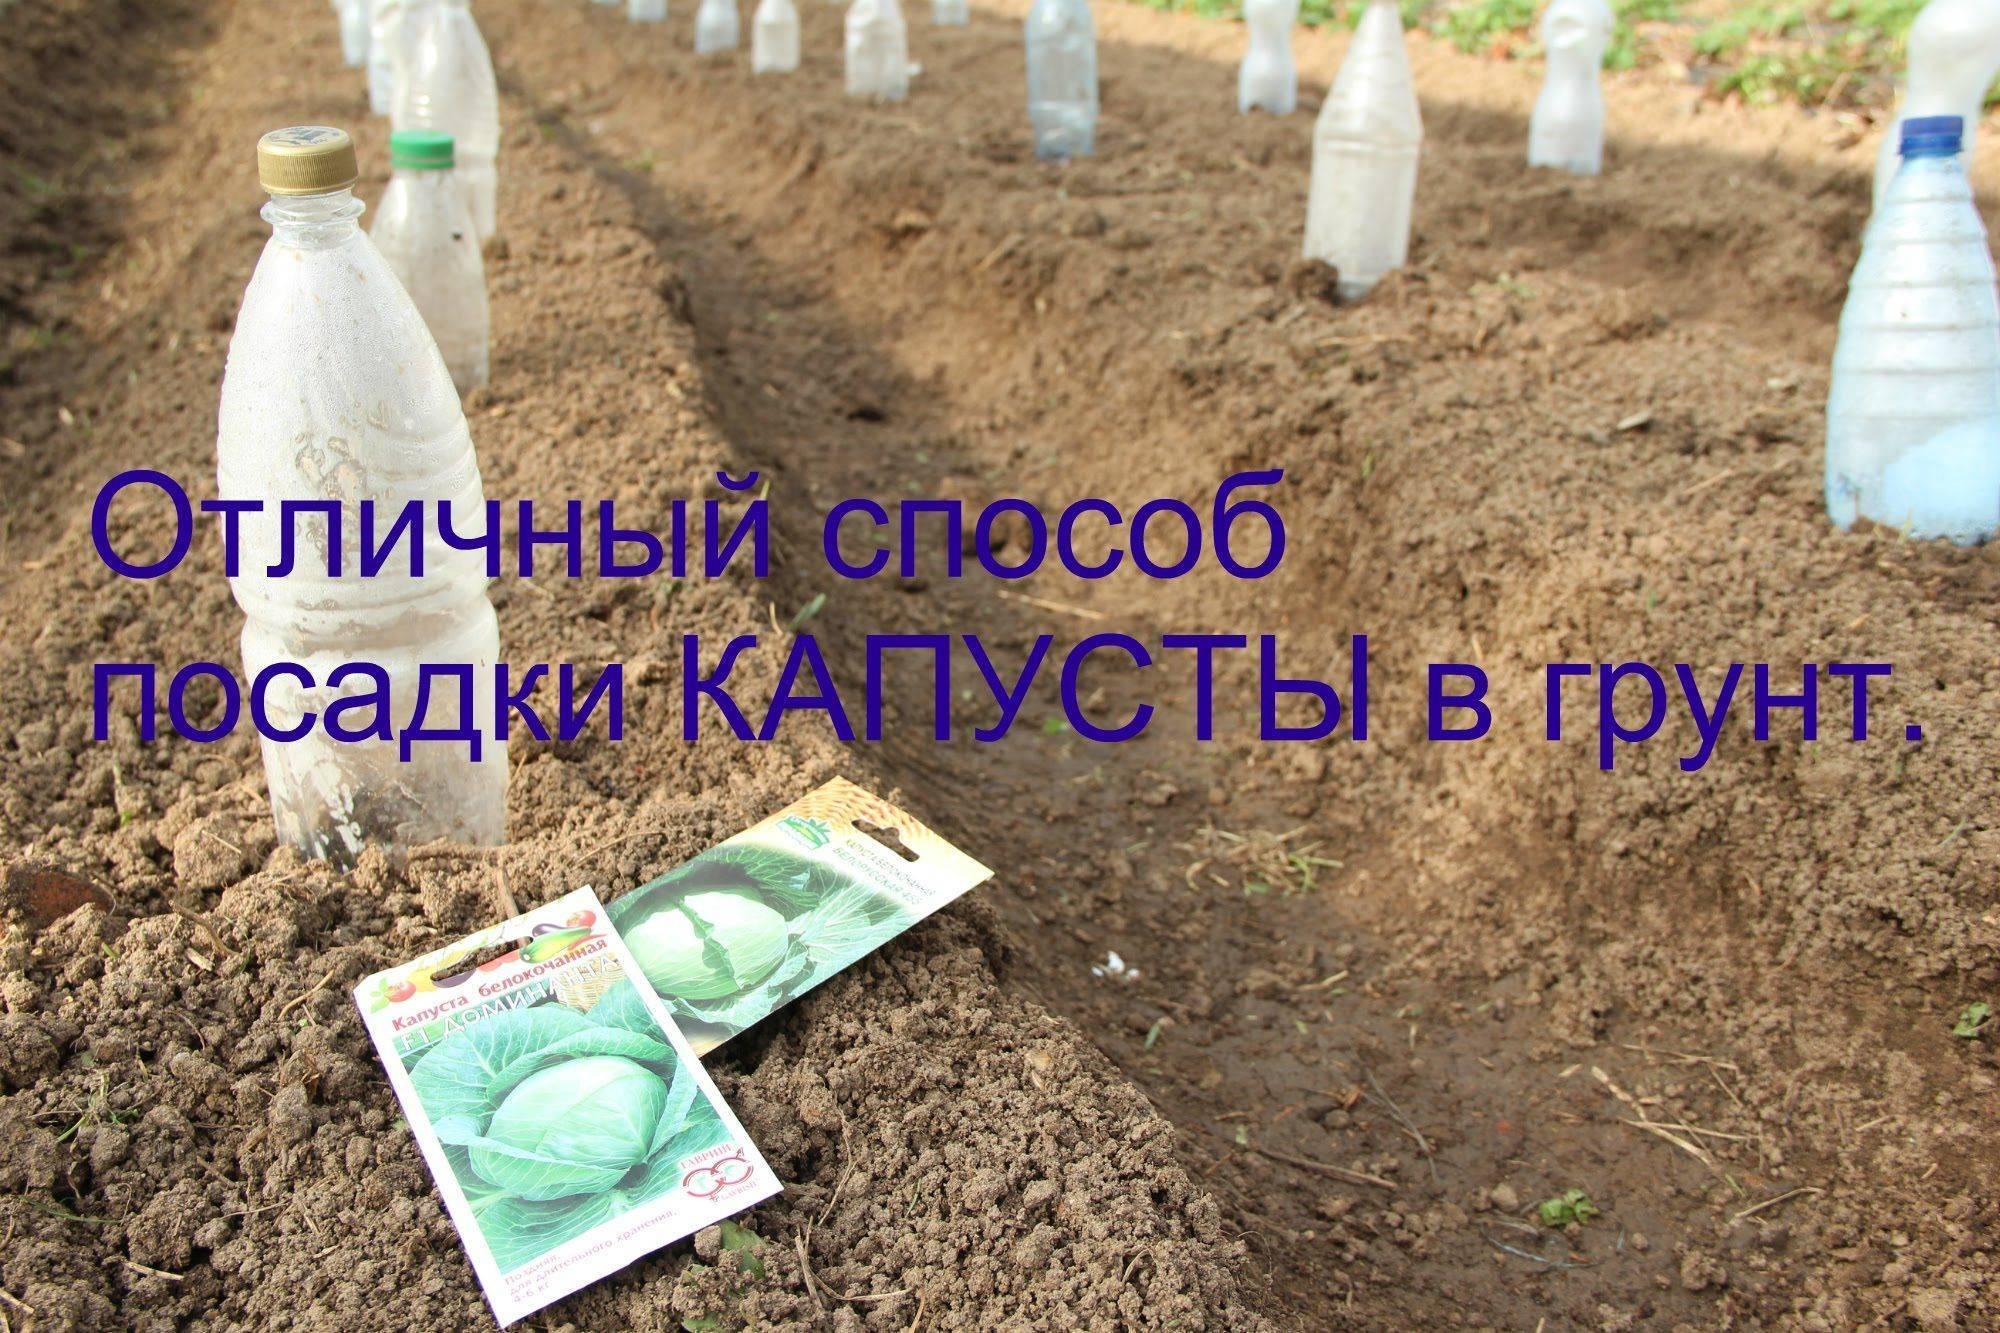 Как посадить и вырастить картофель в мешках технология пошагово, сроки, фото и видео